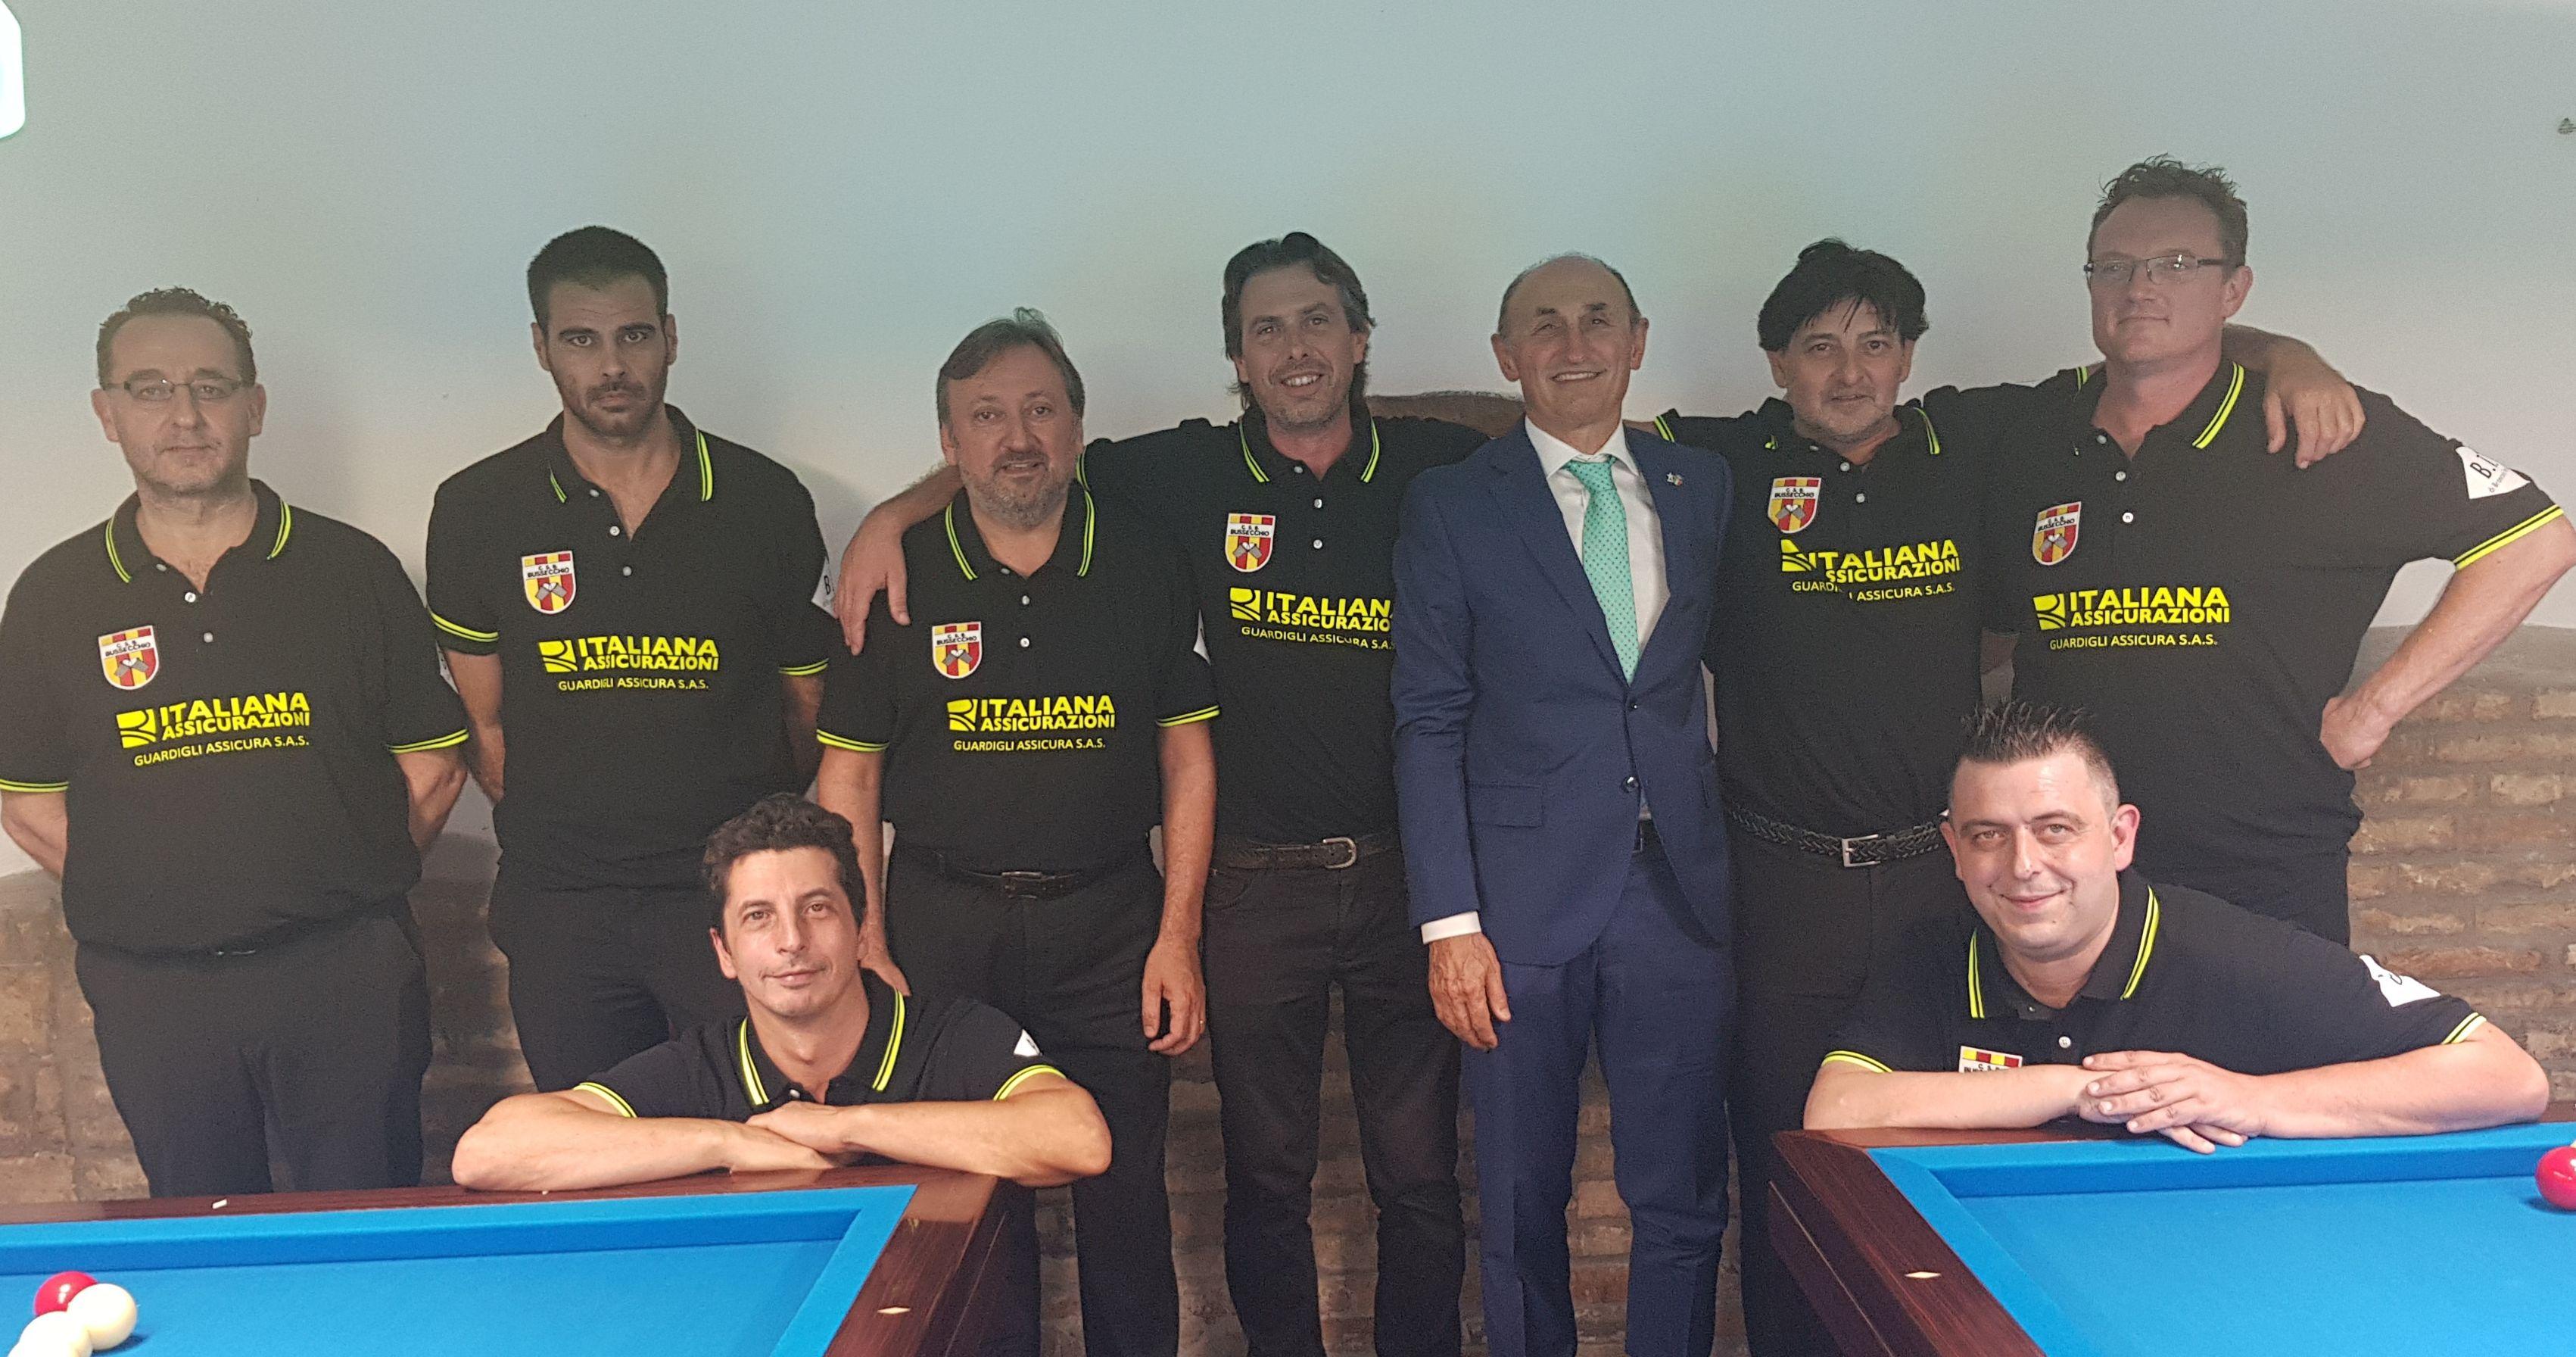 Italiana Assicurazioni Bussecchio